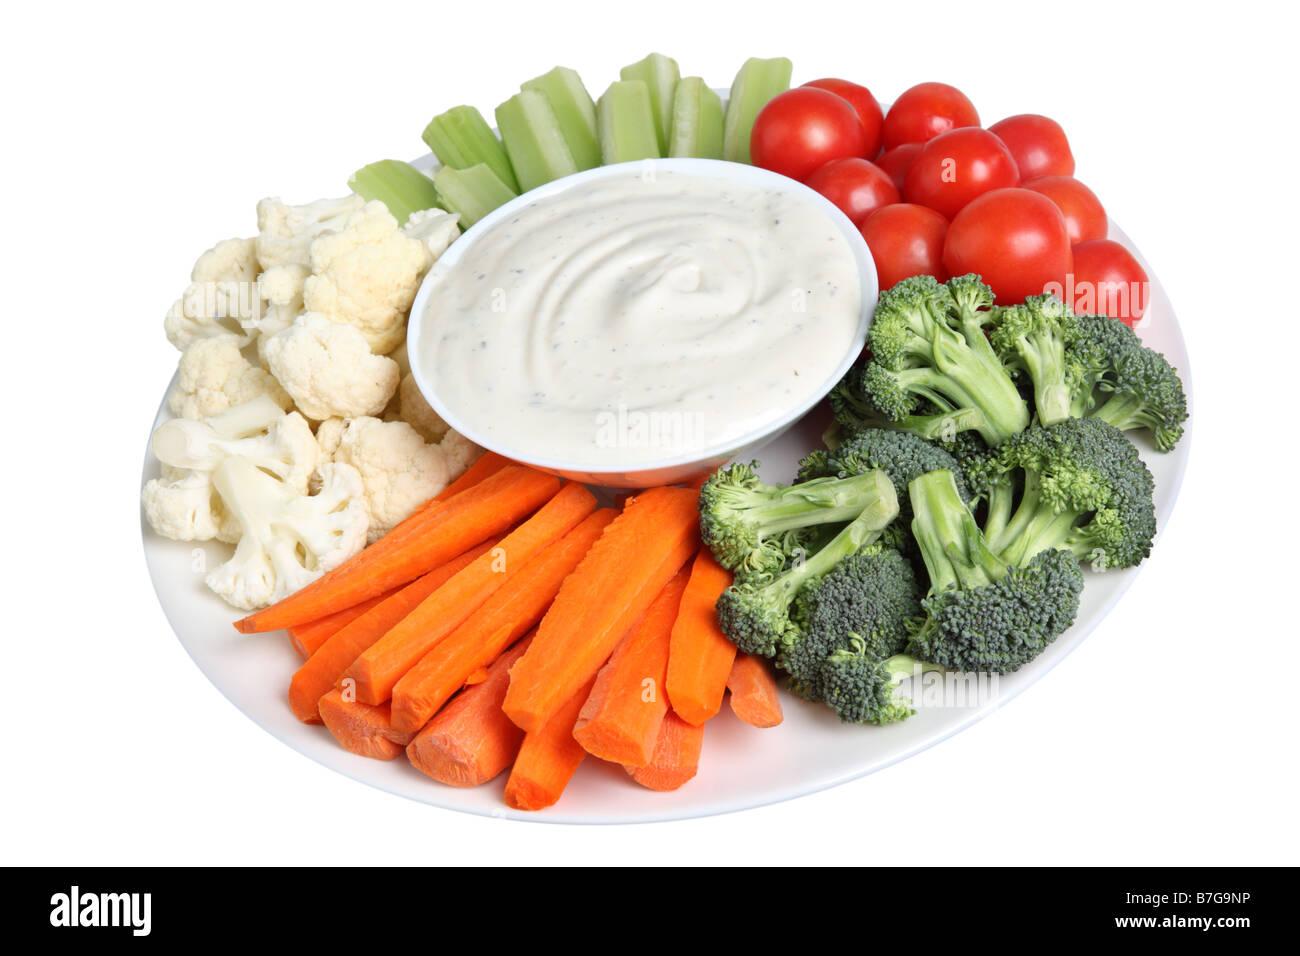 Gemüse-Fach mit Blumenkohl-Sellerie-Tomaten-Broccoli-Karotten-Sticks und Ranch dip Stockbild